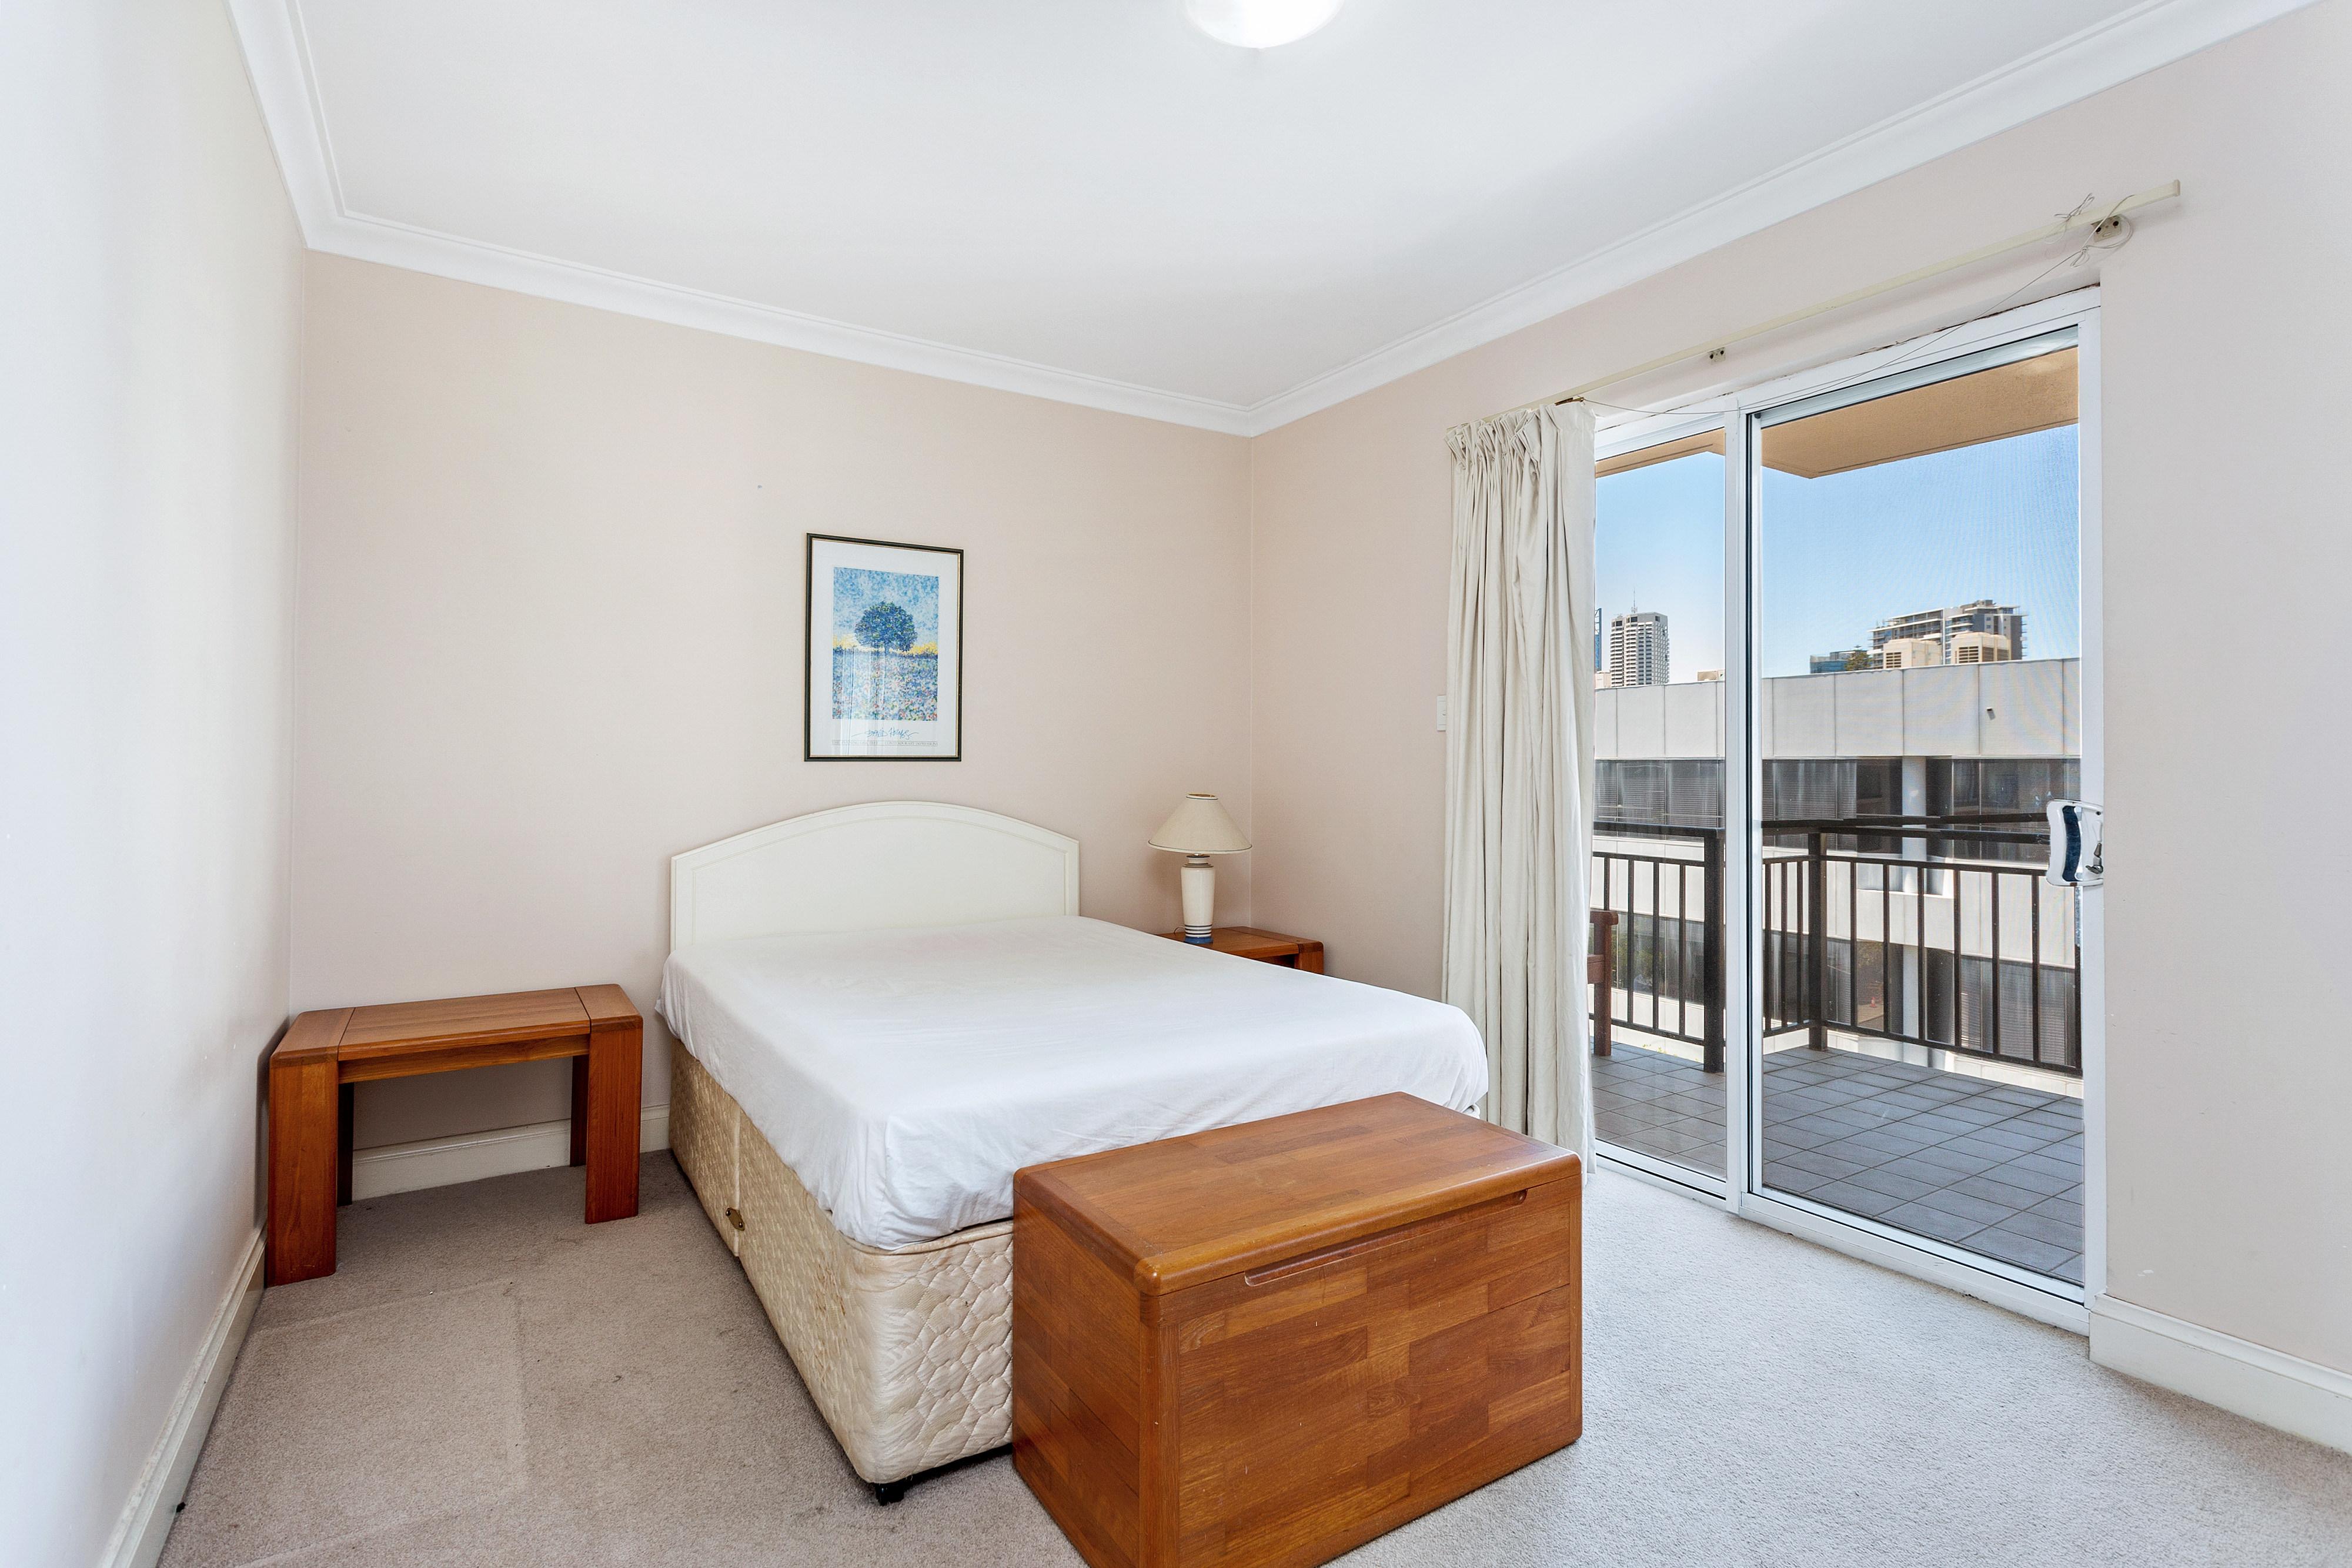 PRINT 9w 161 Colin Street, West Perth 03